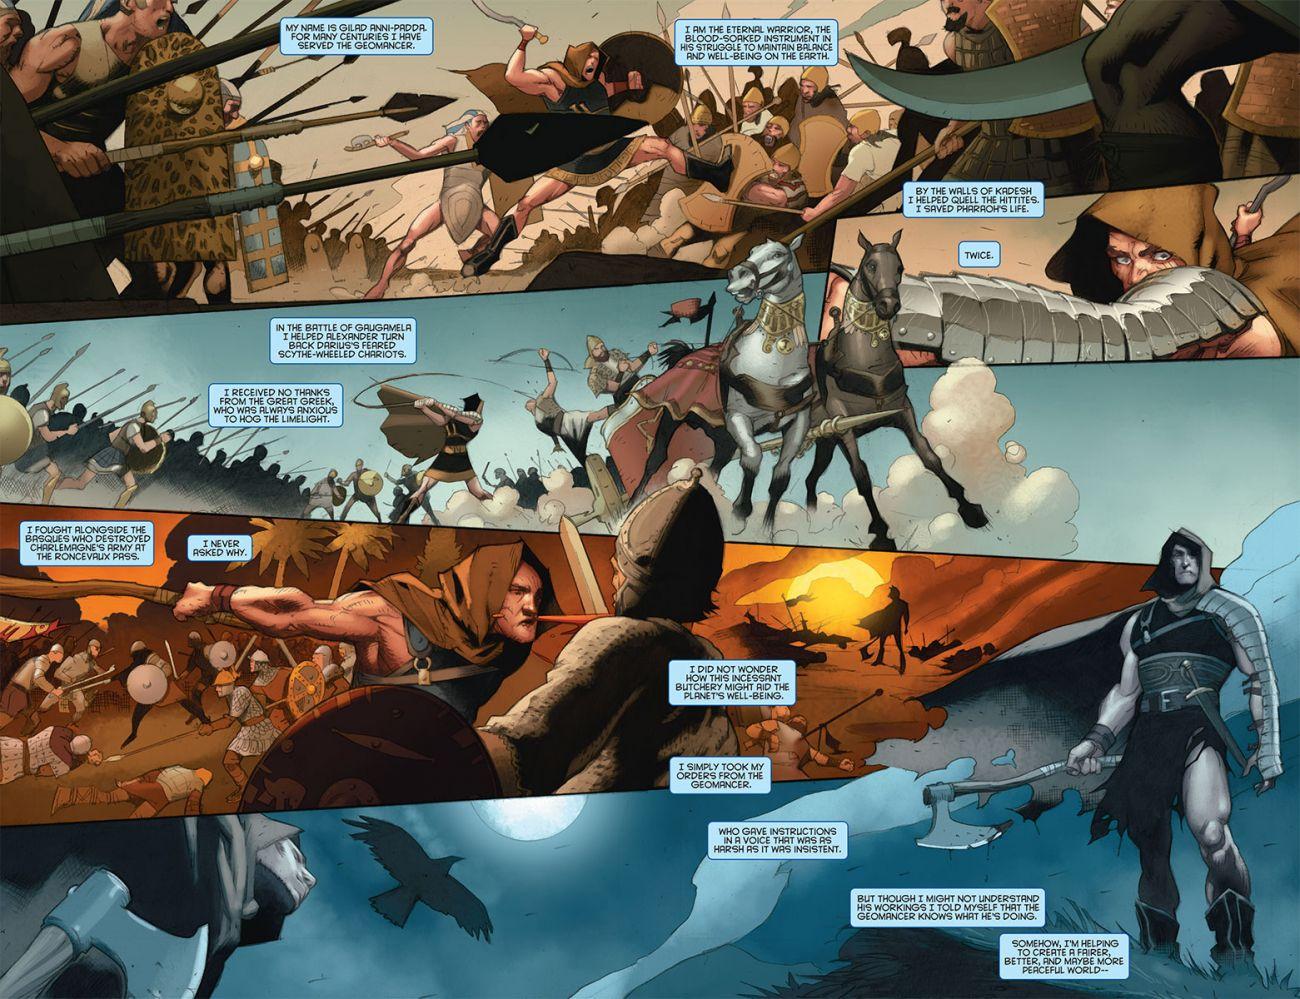 Eternal Warrior: Days of Steel #1, anteprima 01